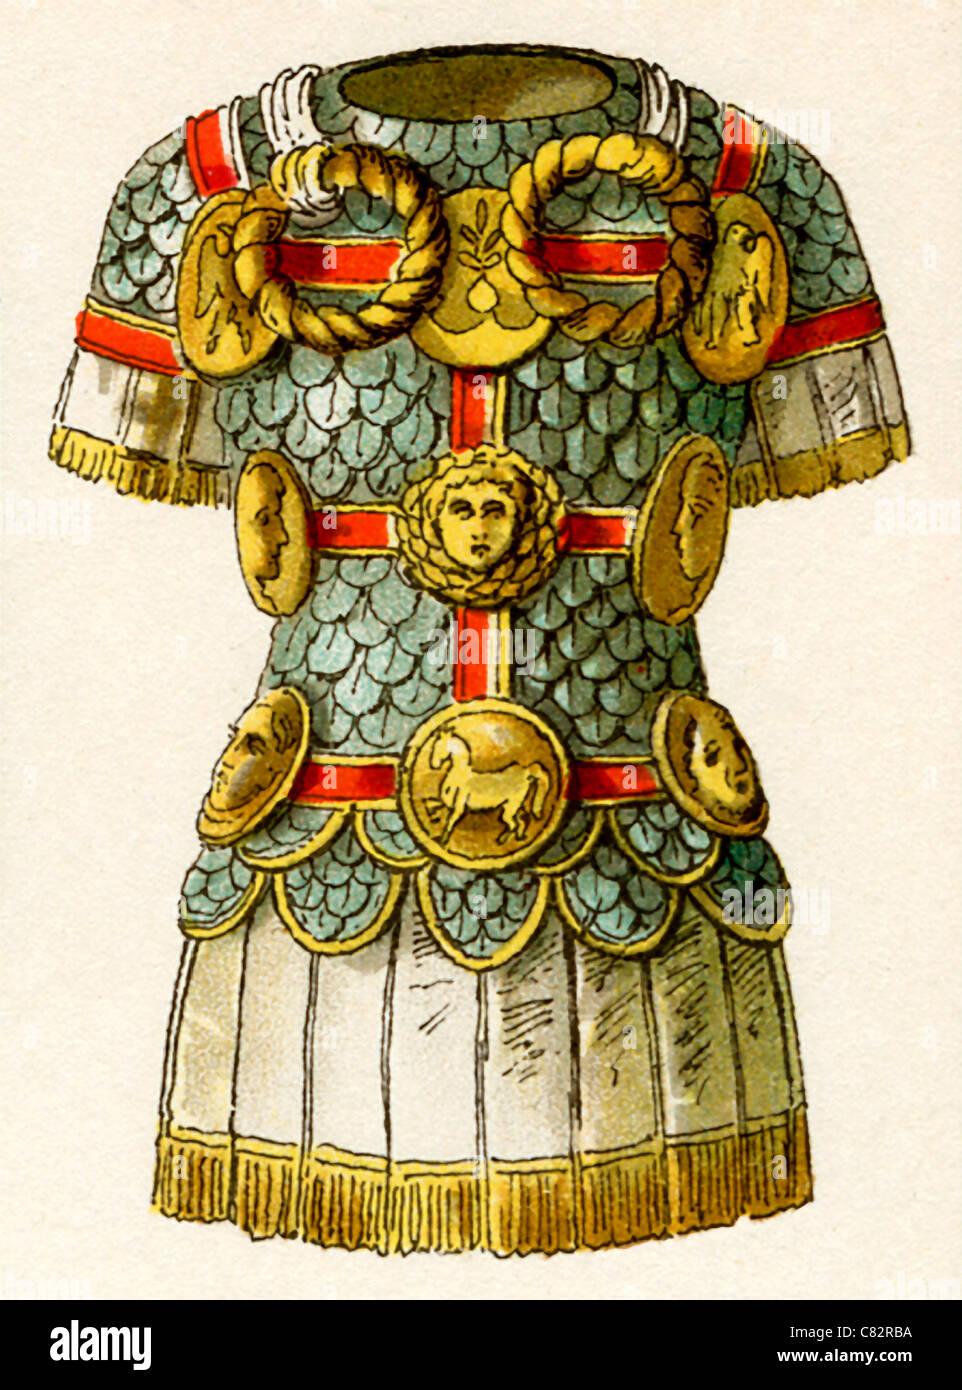 Questa 1882 illustrazione mostra la corazza romana al tempo di ritardo di repubblica e impero (c. 100 A.C. - A.D. Immagini Stock